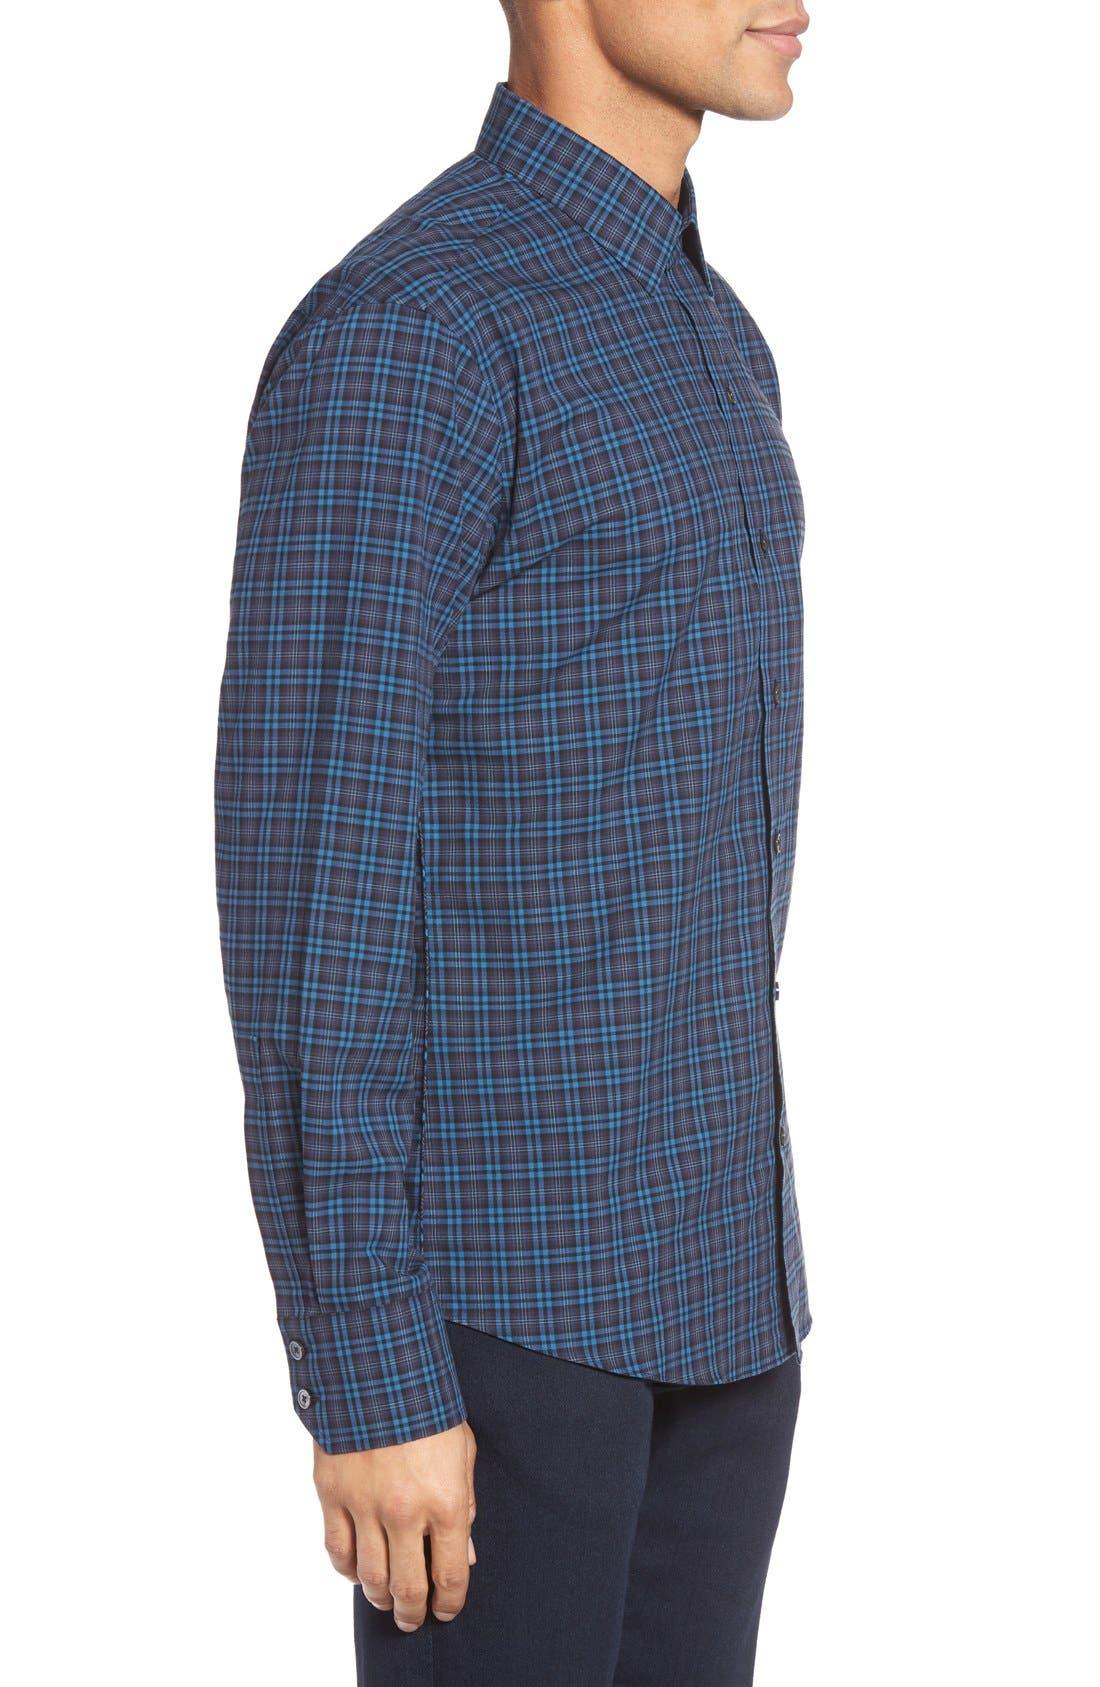 Adler Trim Fit Plaid Sport Shirt,                             Alternate thumbnail 3, color,                             Blue